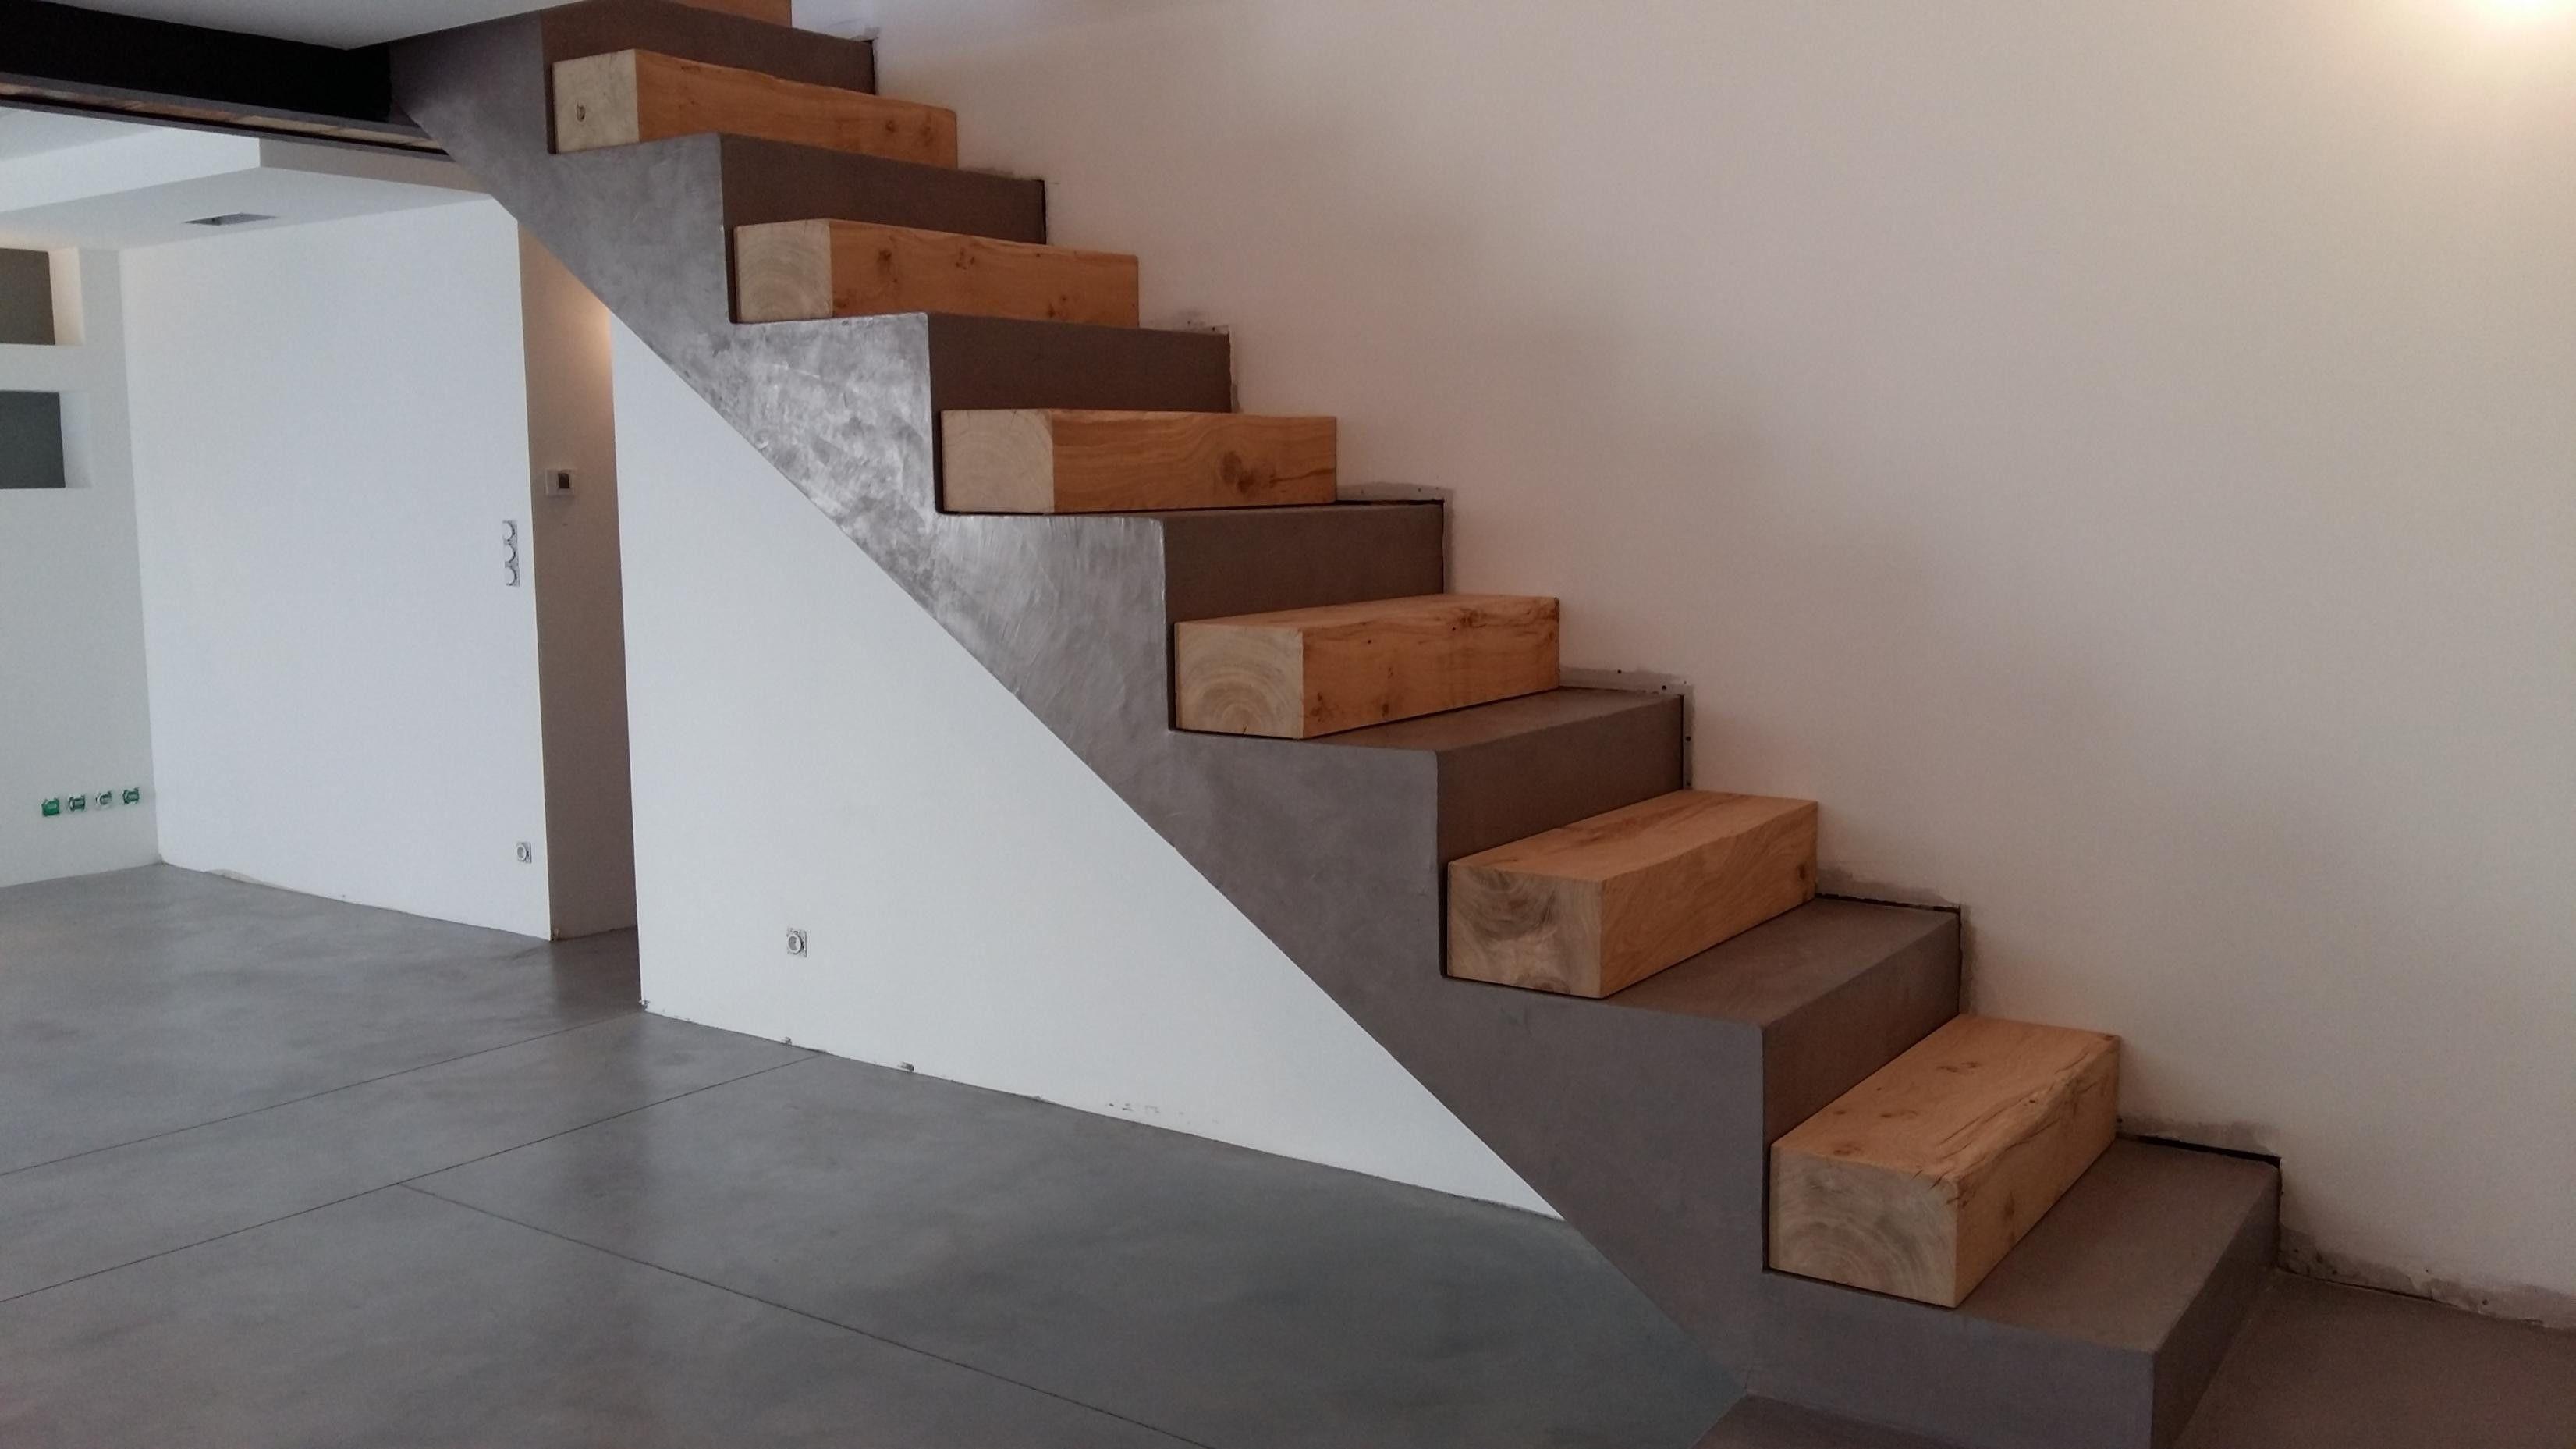 Carrelage Escalier Uniquebloc Marche Escalier Exterieur Meilleur Escalier Beton Escaliers Interieur Escalier Beton Cire